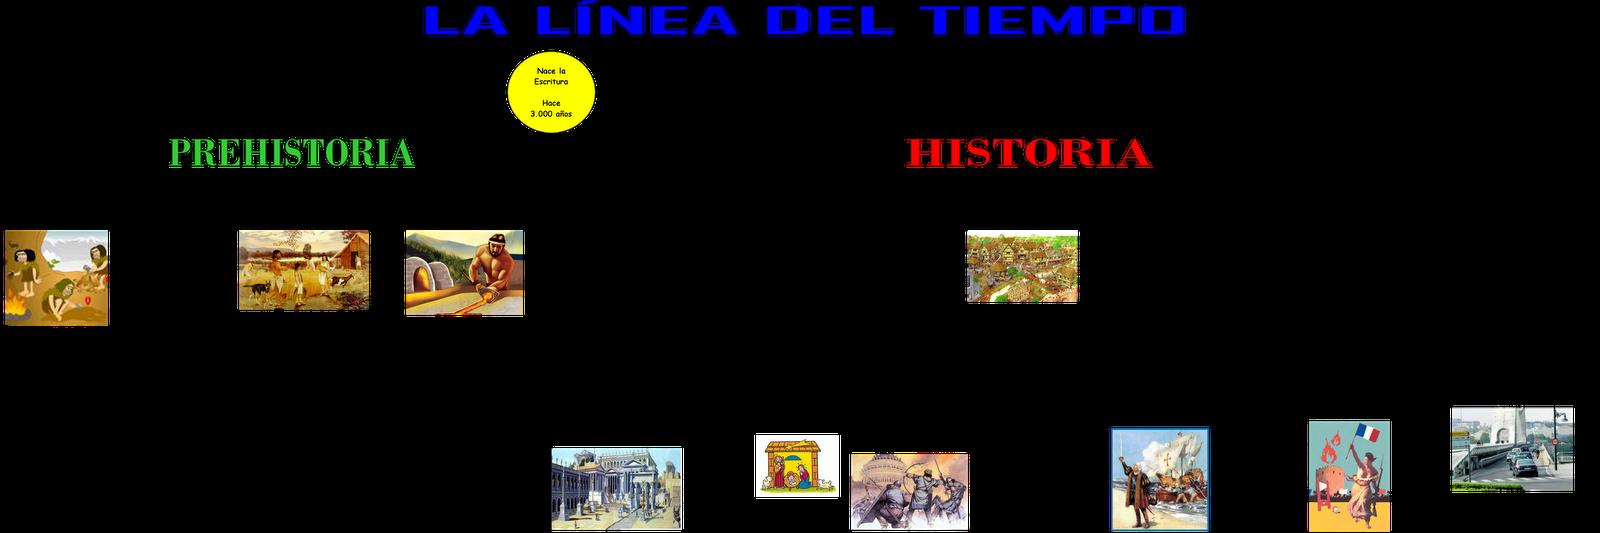 Profesor de Historia Geografa y Arte Vocabulario bsico de la historia